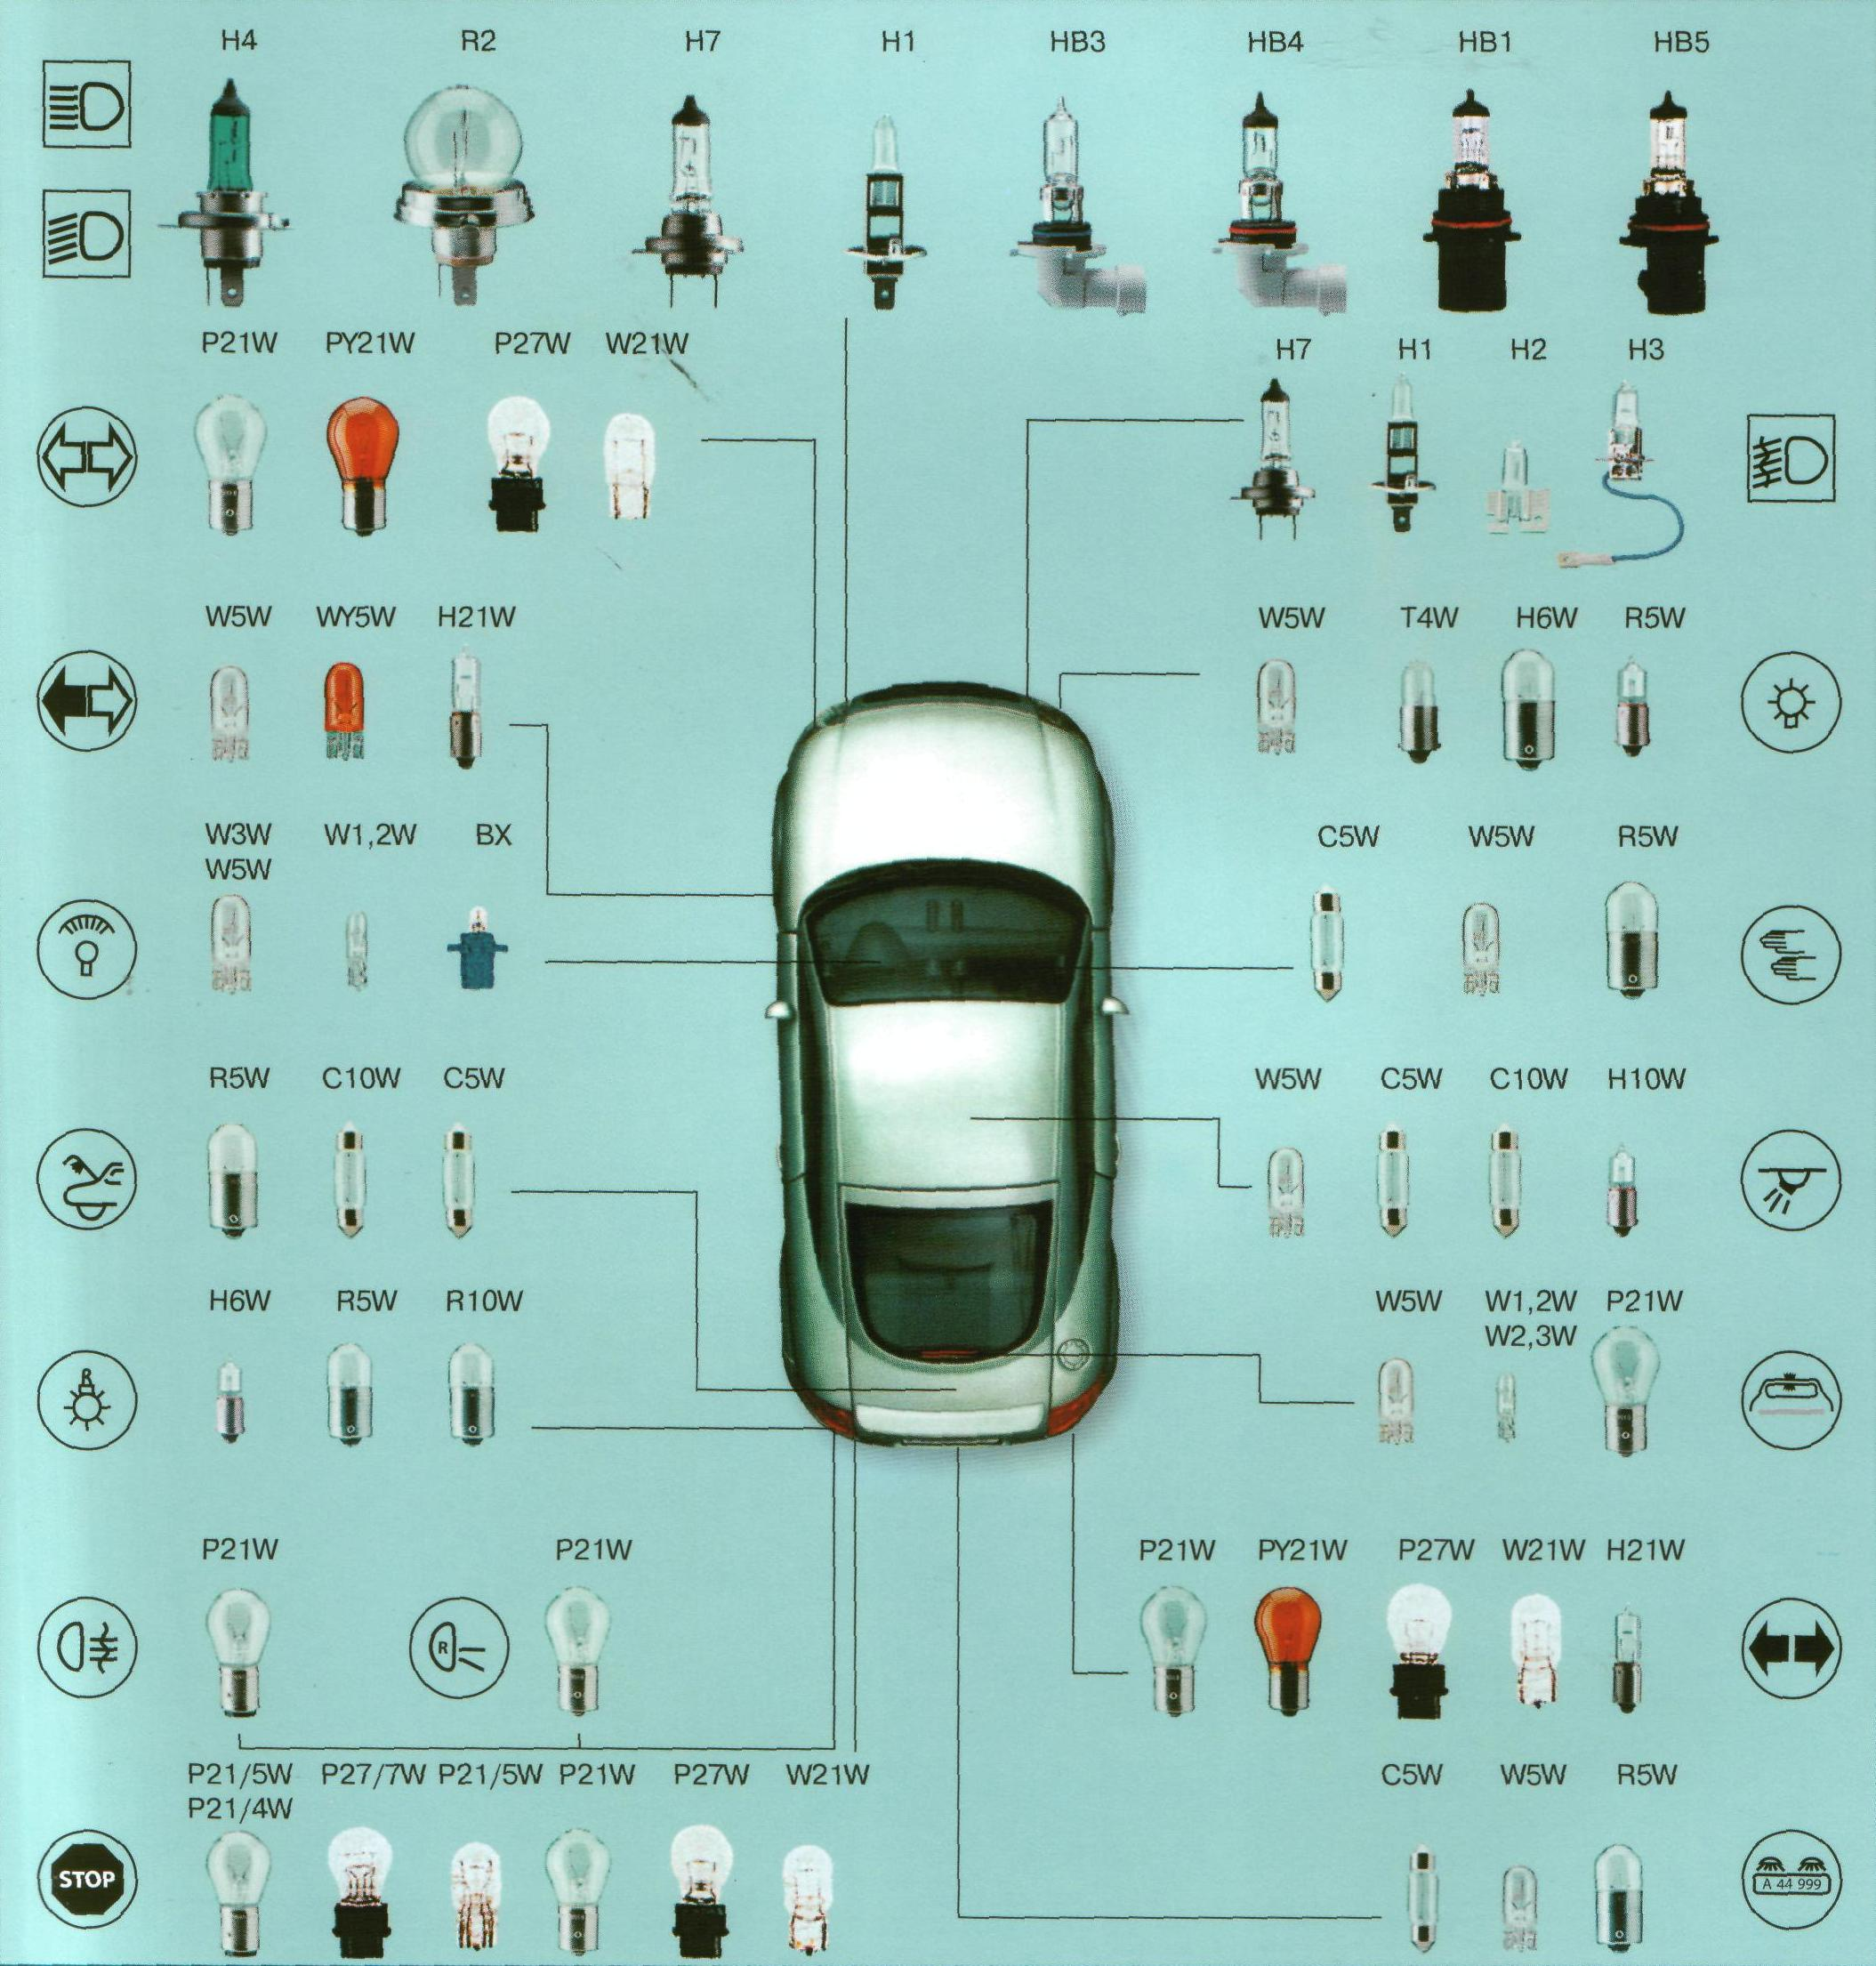 Комплект светодиодных ламп для автомобиля.  Заменяет стандартные лампы освещения, установка в штатные разъемы...